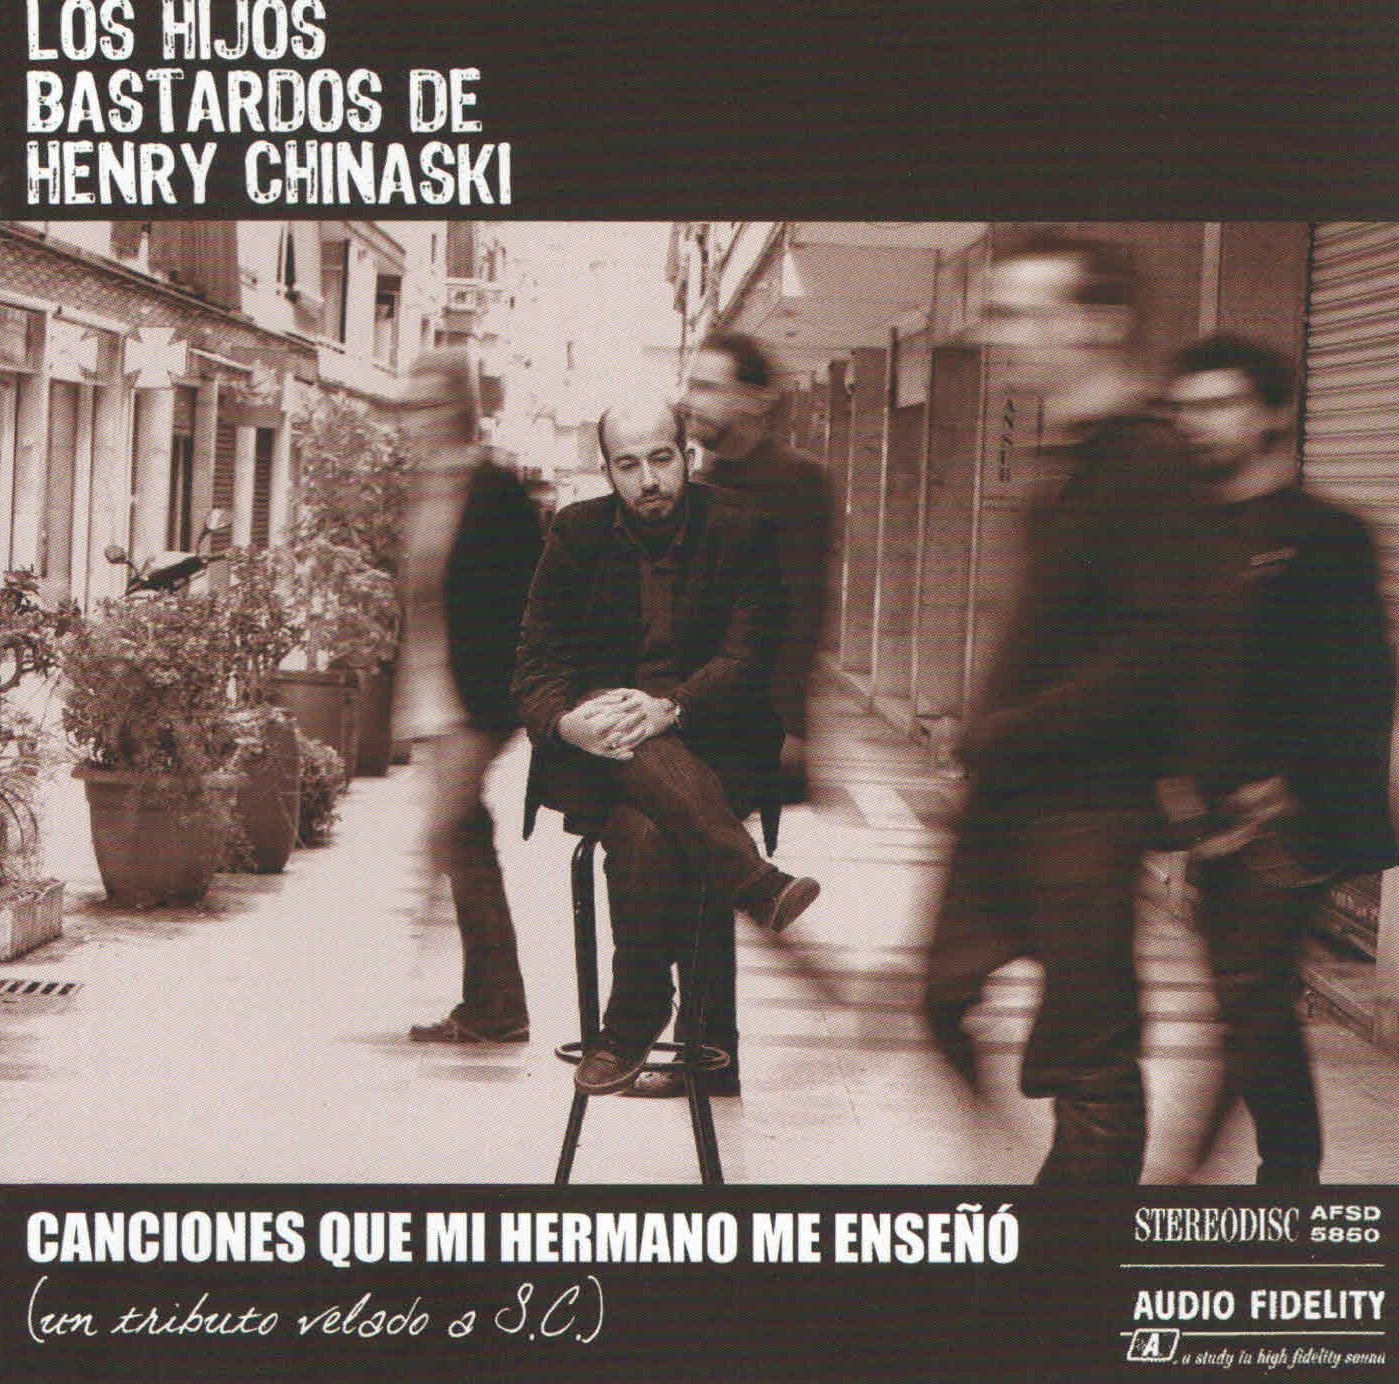 Los Hijos Bastardos de Henry Chinaski - 'Canciones que mi hermano me enseñó' (CD)